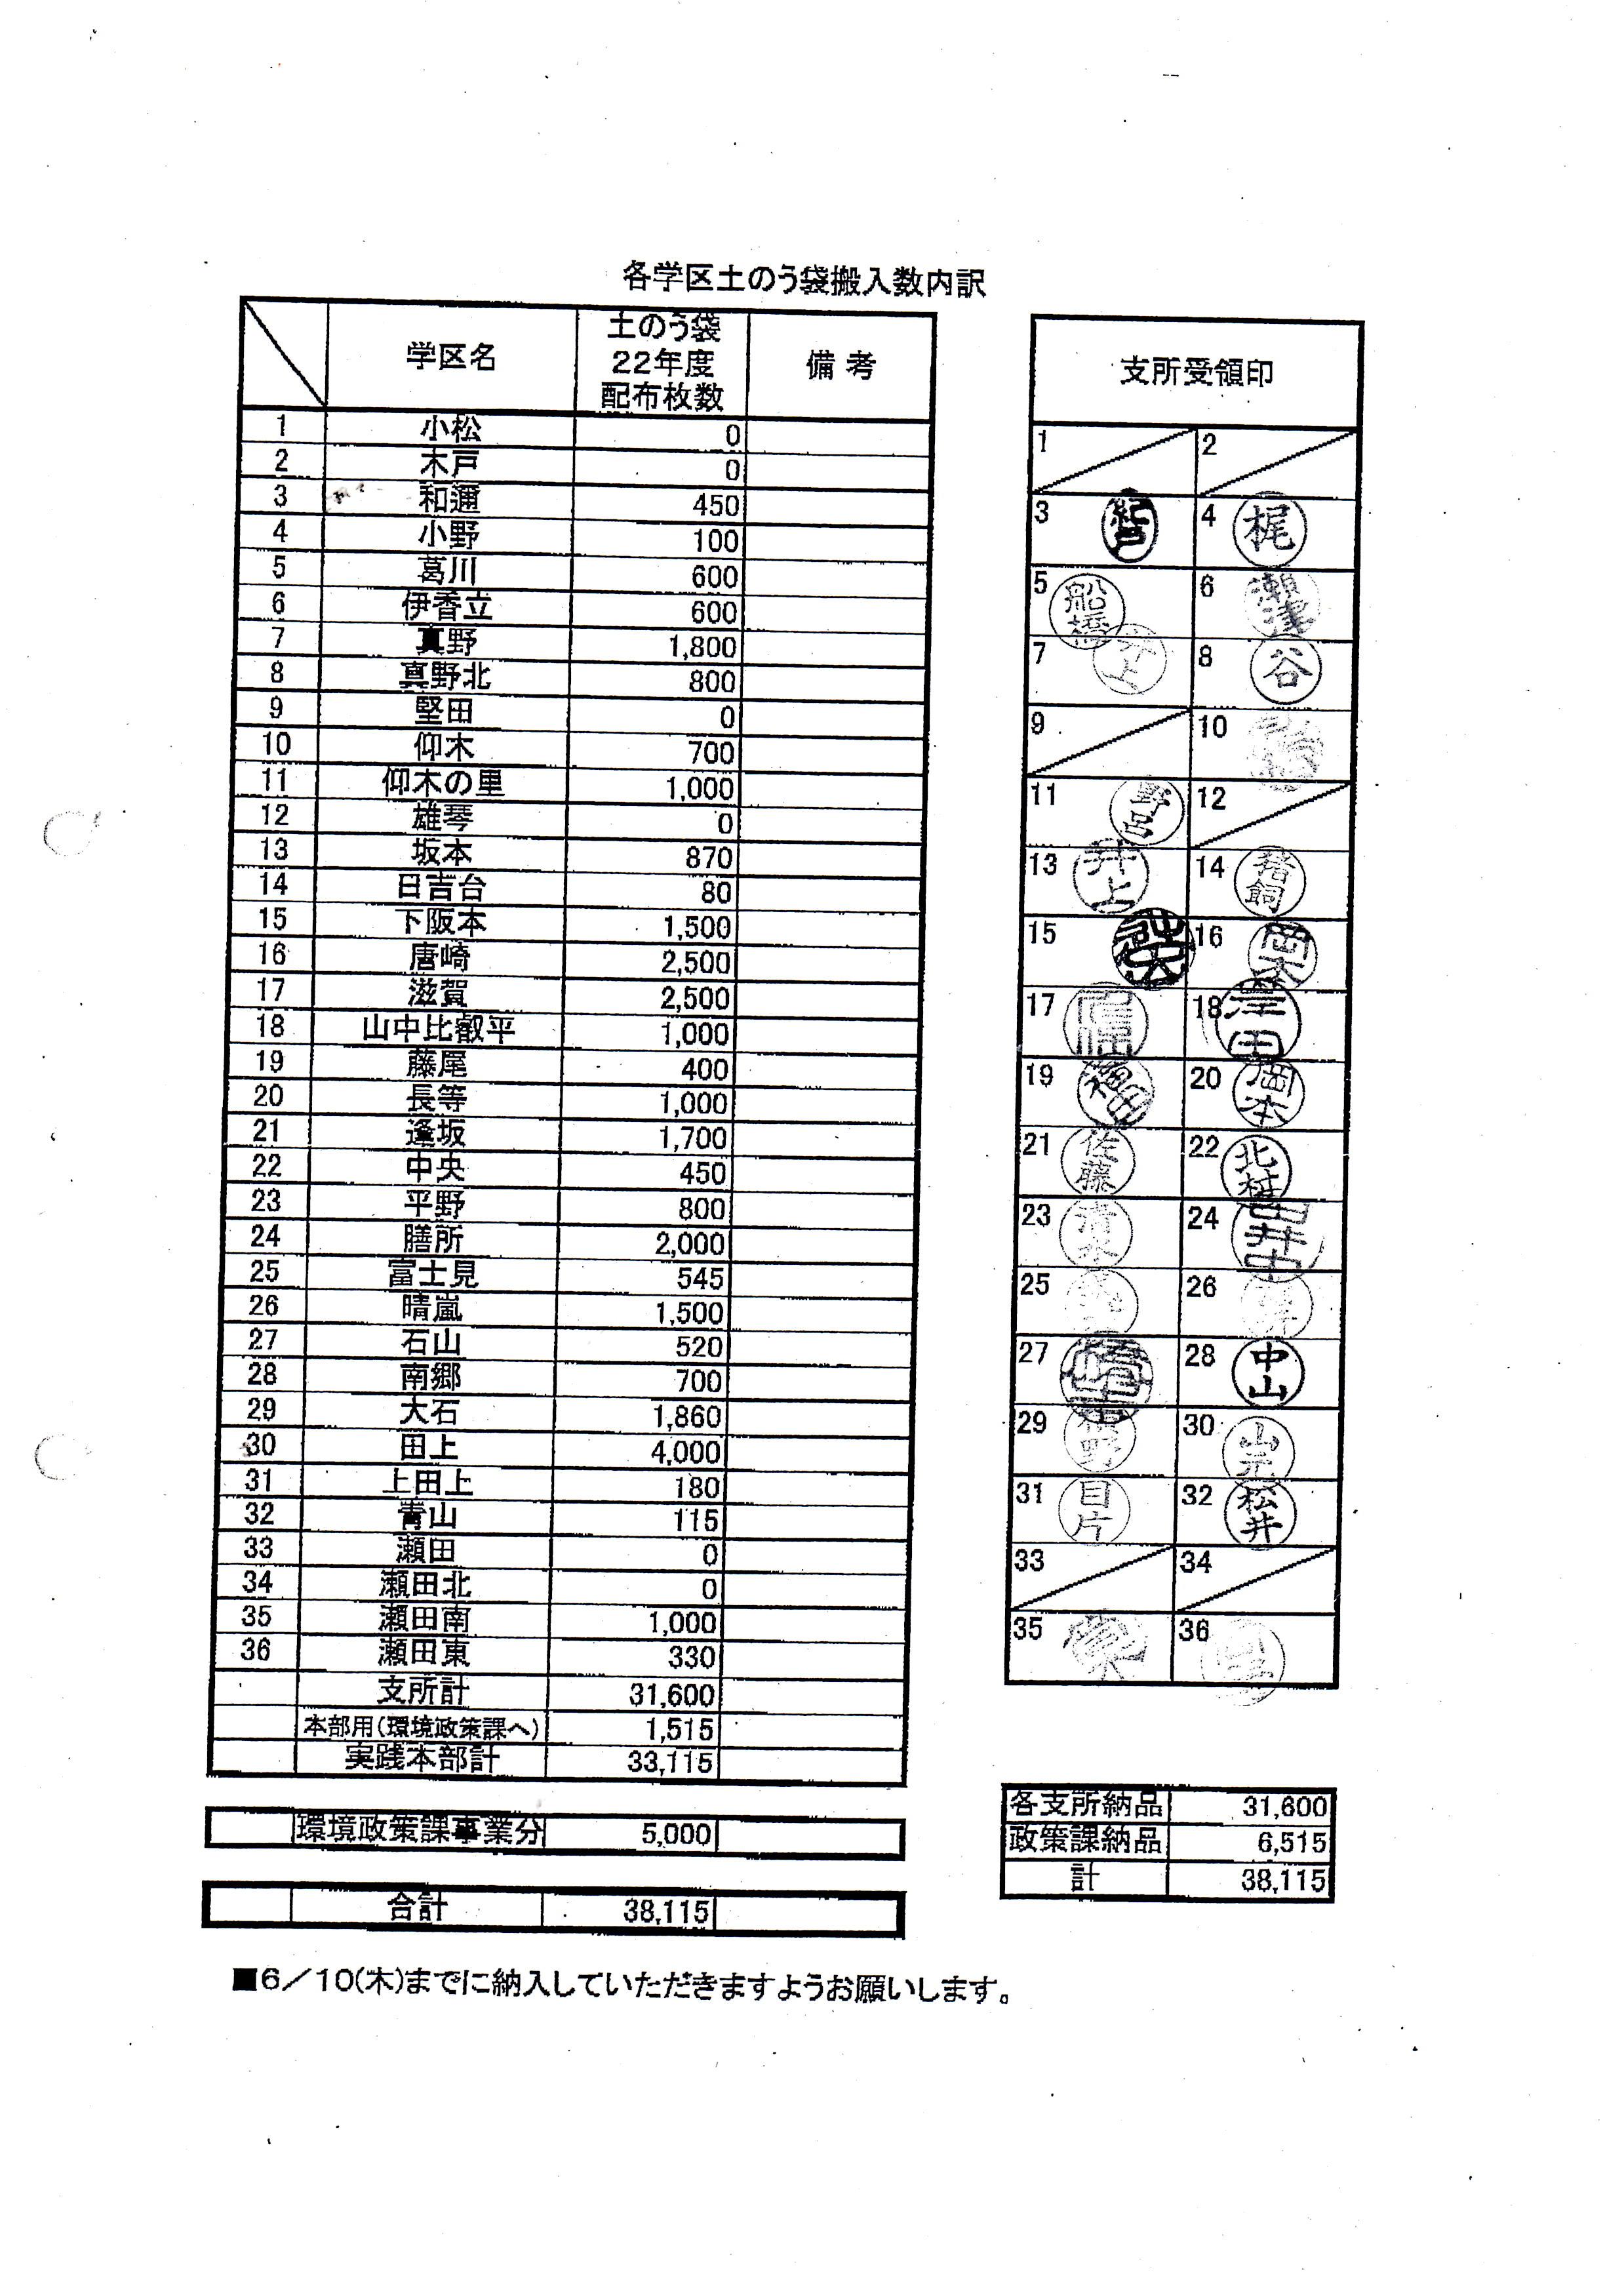 H22年実践本部の土嚢袋購入/学区振分一覧